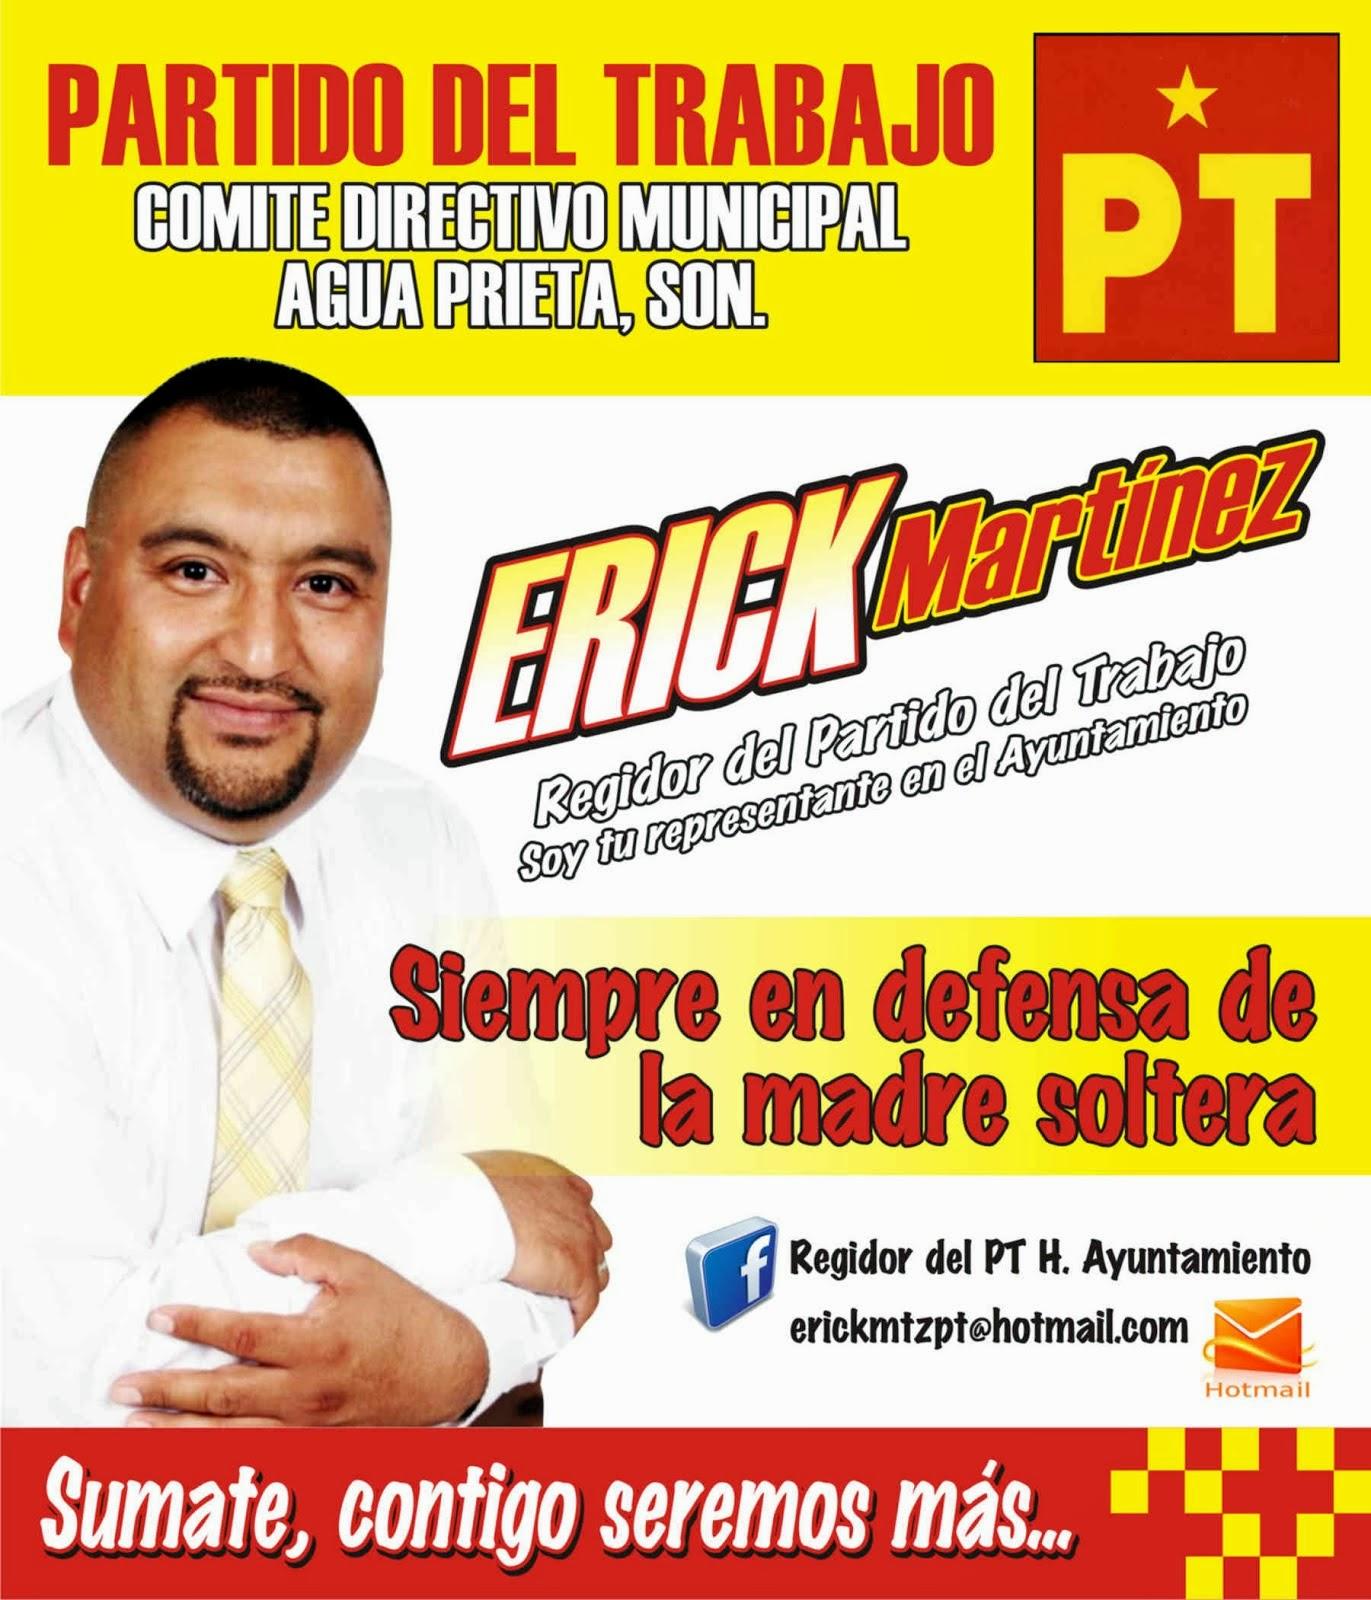 Regidor Erick Martinez